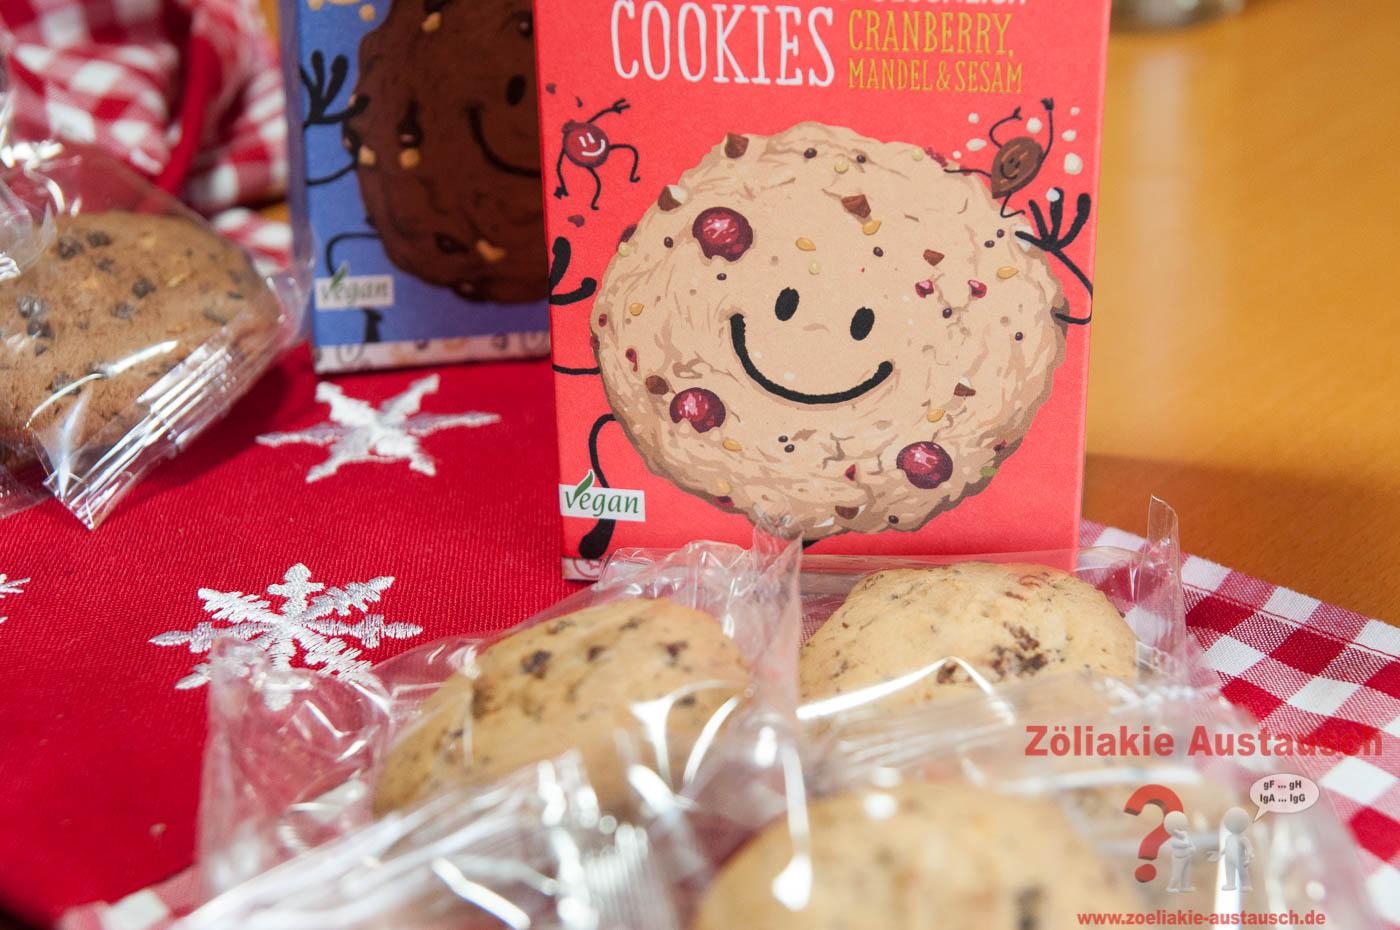 Zoeliakie_Austausch_Sommer_Cookies-010